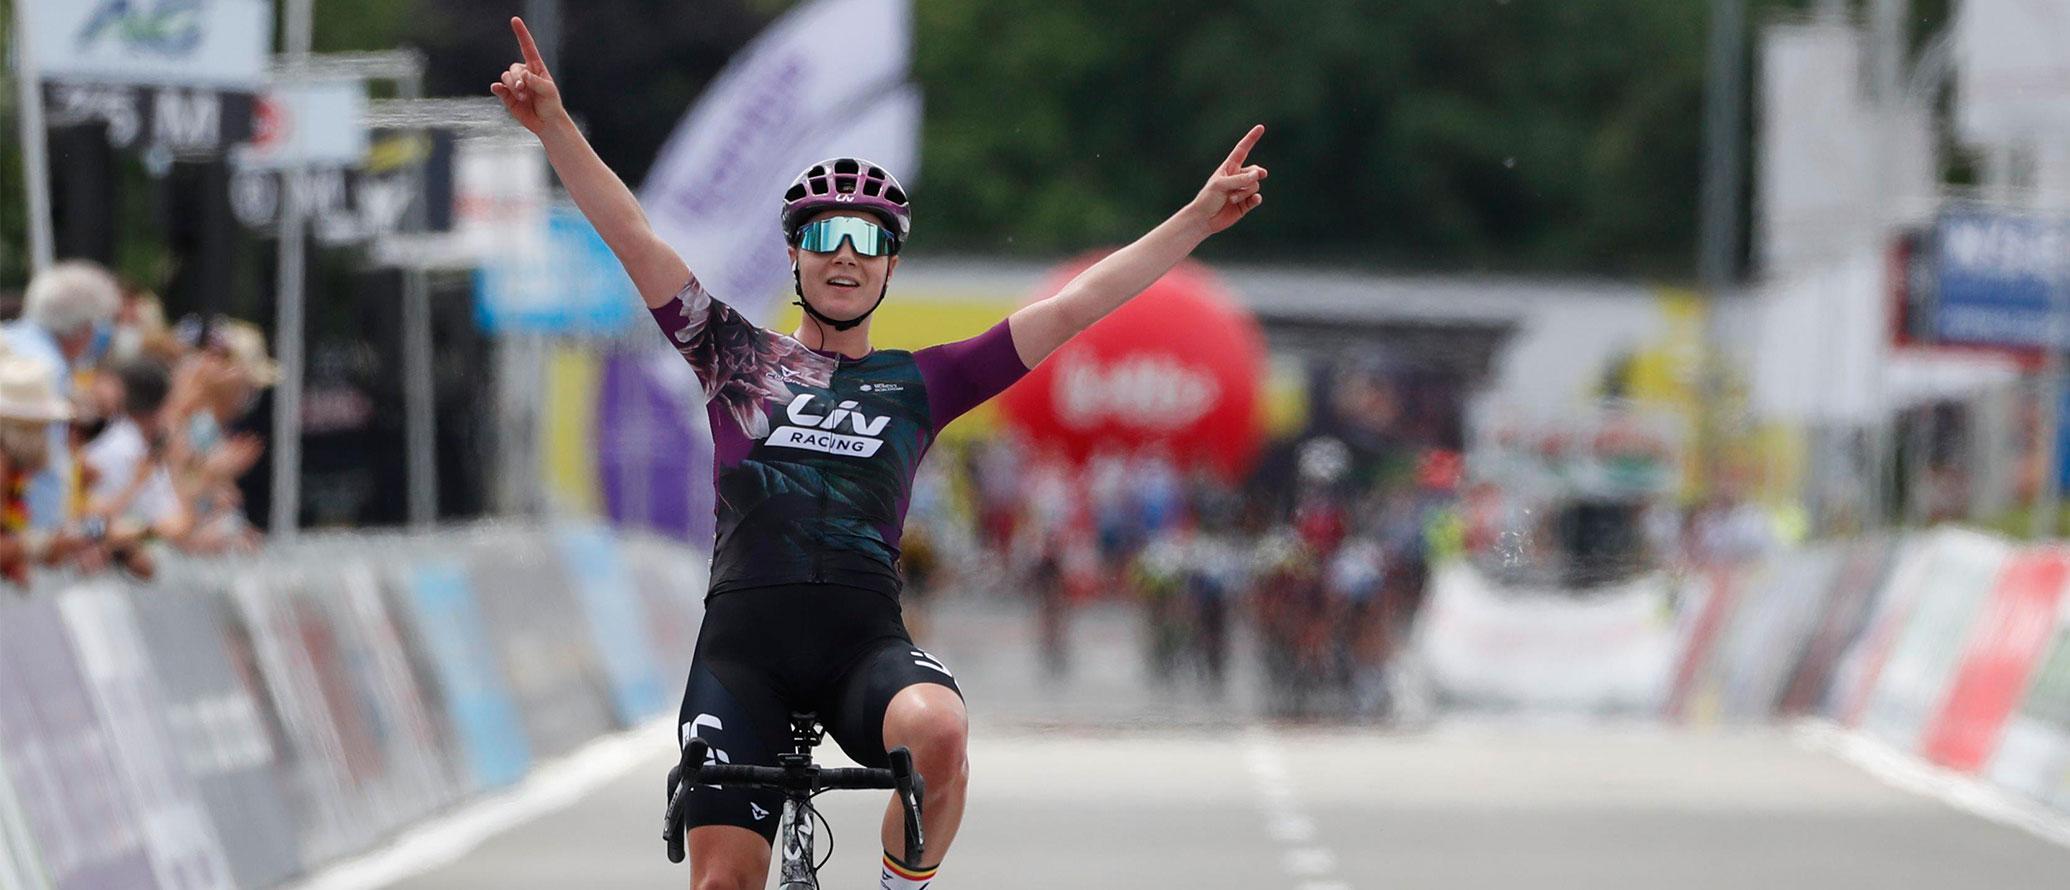 نتایج مسابقات قهرمانی ملی تیم دوچرخه سواری لیو